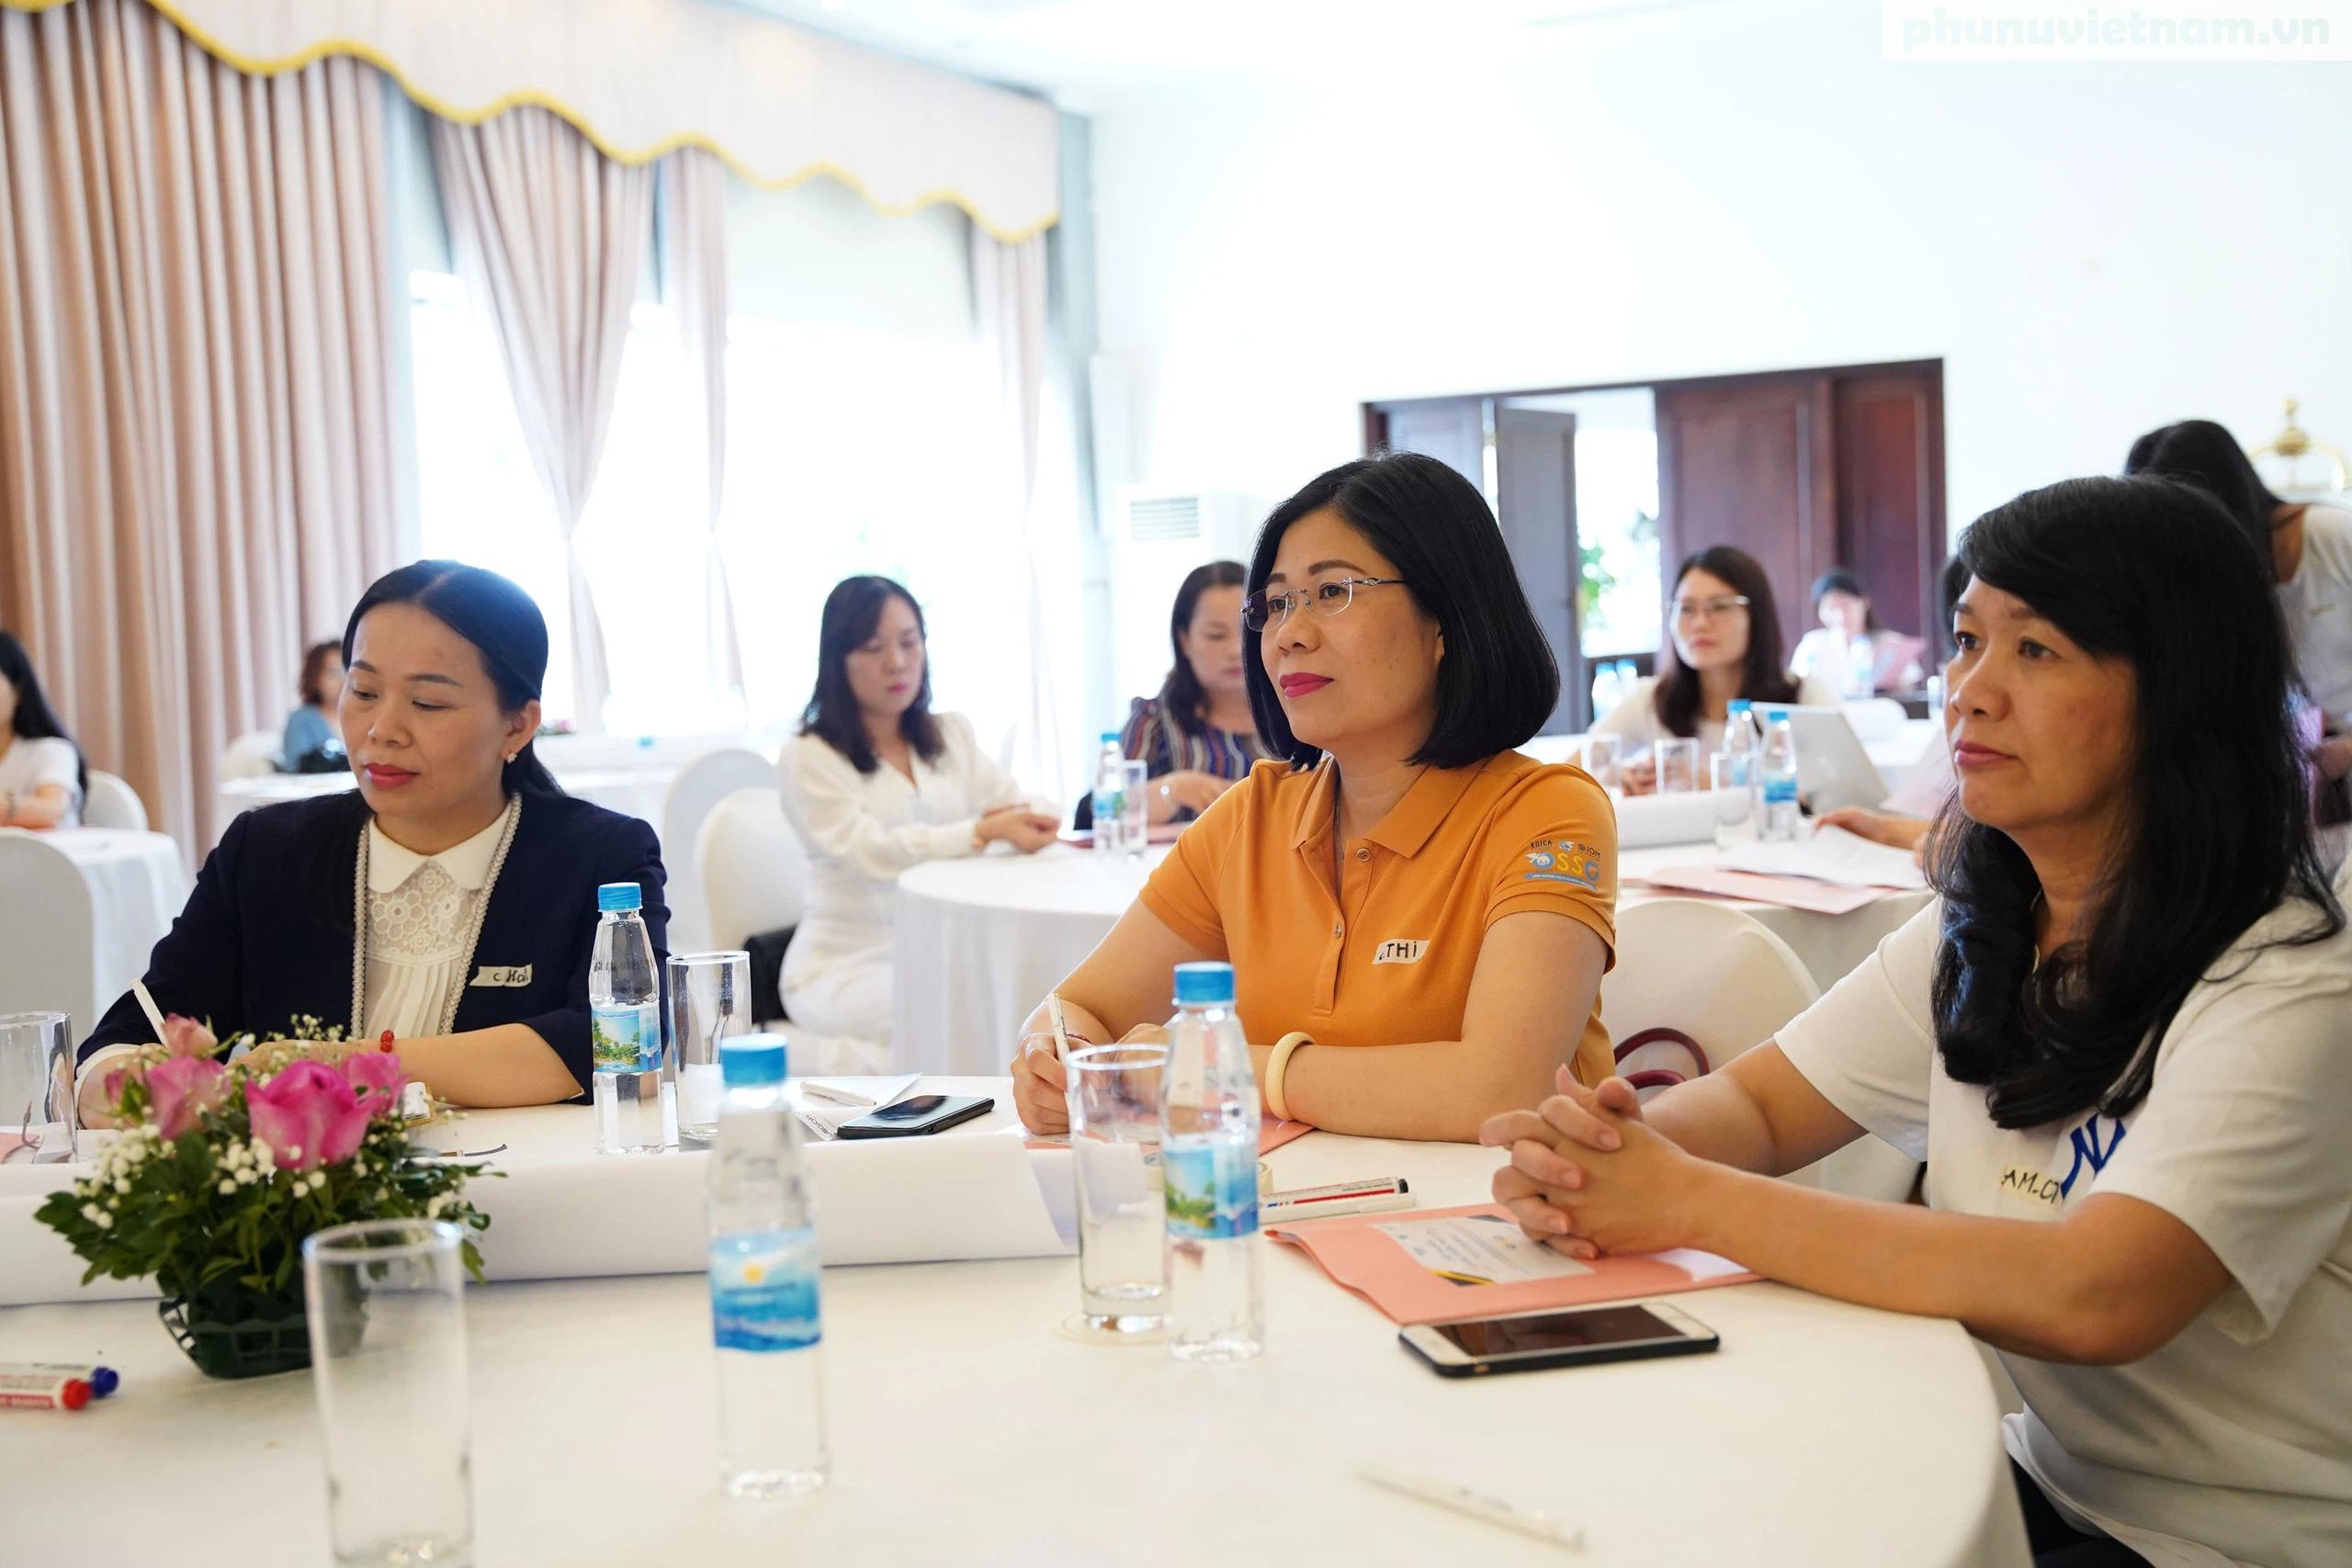 Cán bộ Hội LHPN ở 5 tỉnh, thành phố tham gia tập huấn về tham vấn cho phụ nữ di cư hồi hương - Ảnh 6.